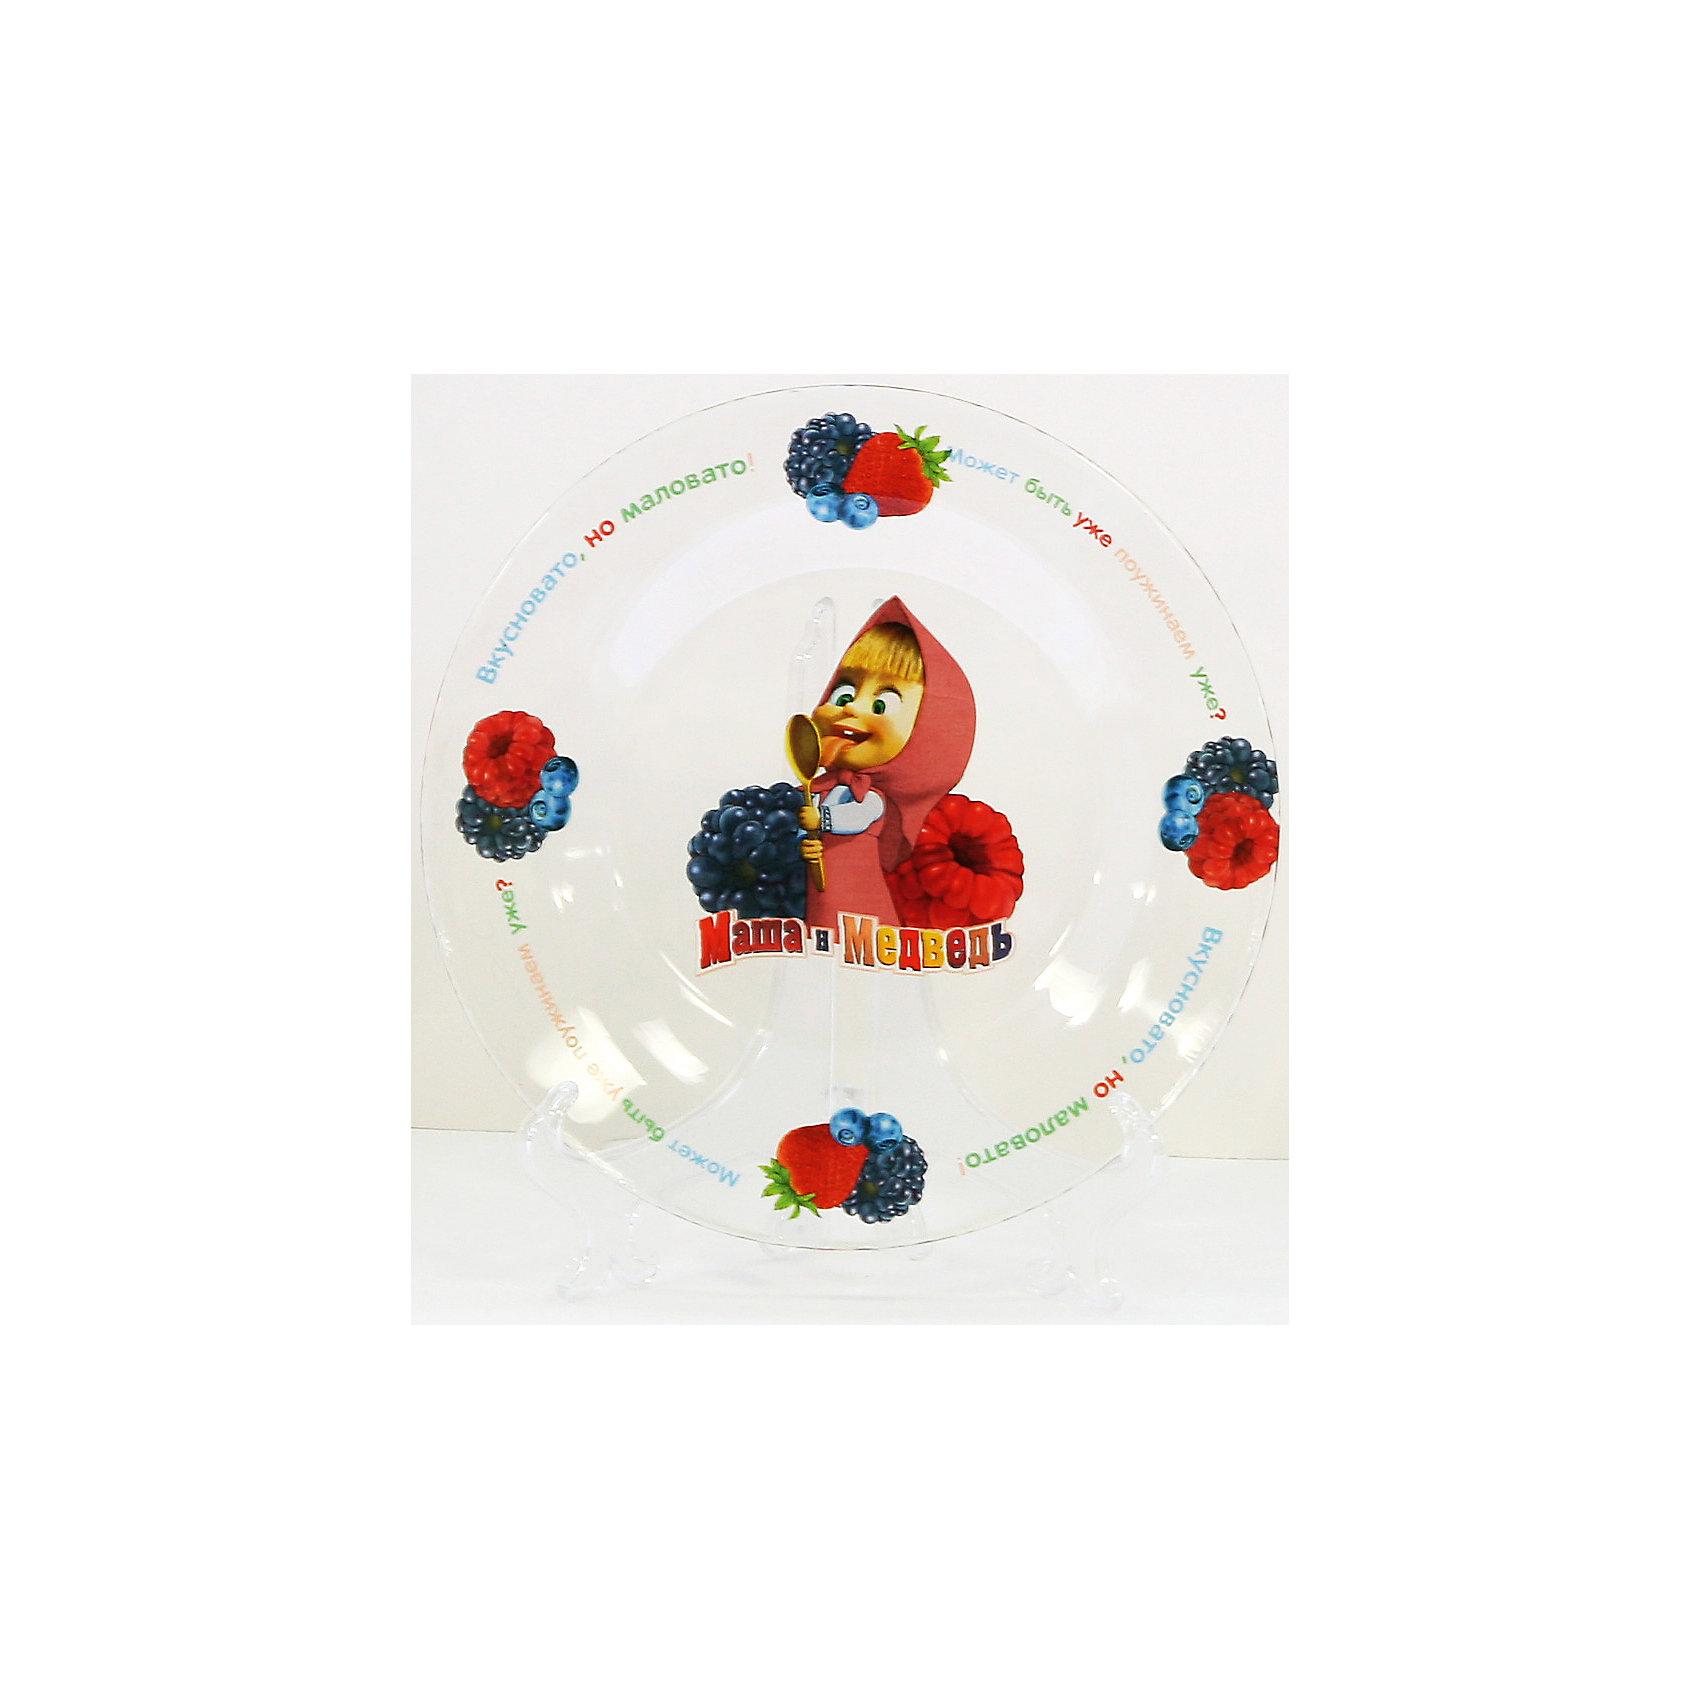 Тарелка Лето (стекло, диаметр 19,5 см), Маша и МедведьЗавтракать, обедать, ужинать с любимыми героями - приятнее и вкуснее! Тарелка с изображениями персонажей мультфильма Маша и Медведь обязательно понравится ребенку. Изделие выполнено из ударопрочного стекла, раскрашено устойчивыми экологичными красителями безопасными для детей. Прекрасный вариант для подарка на любой праздник! <br><br>Дополнительная информация:<br><br>- Материал: стекло.<br>- Размер: d - 19,5 см. <br>- Подходит для СВЧ.<br>- Можно мыть в посудомоечной машине.<br><br>Тарелку Лето (стекло, диаметр 19,5 см), Маша и Медведь, можно купить в нашем магазине.<br><br>Ширина мм: 200<br>Глубина мм: 200<br>Высота мм: 20<br>Вес г: 250<br>Возраст от месяцев: 36<br>Возраст до месяцев: 108<br>Пол: Унисекс<br>Возраст: Детский<br>SKU: 4536270